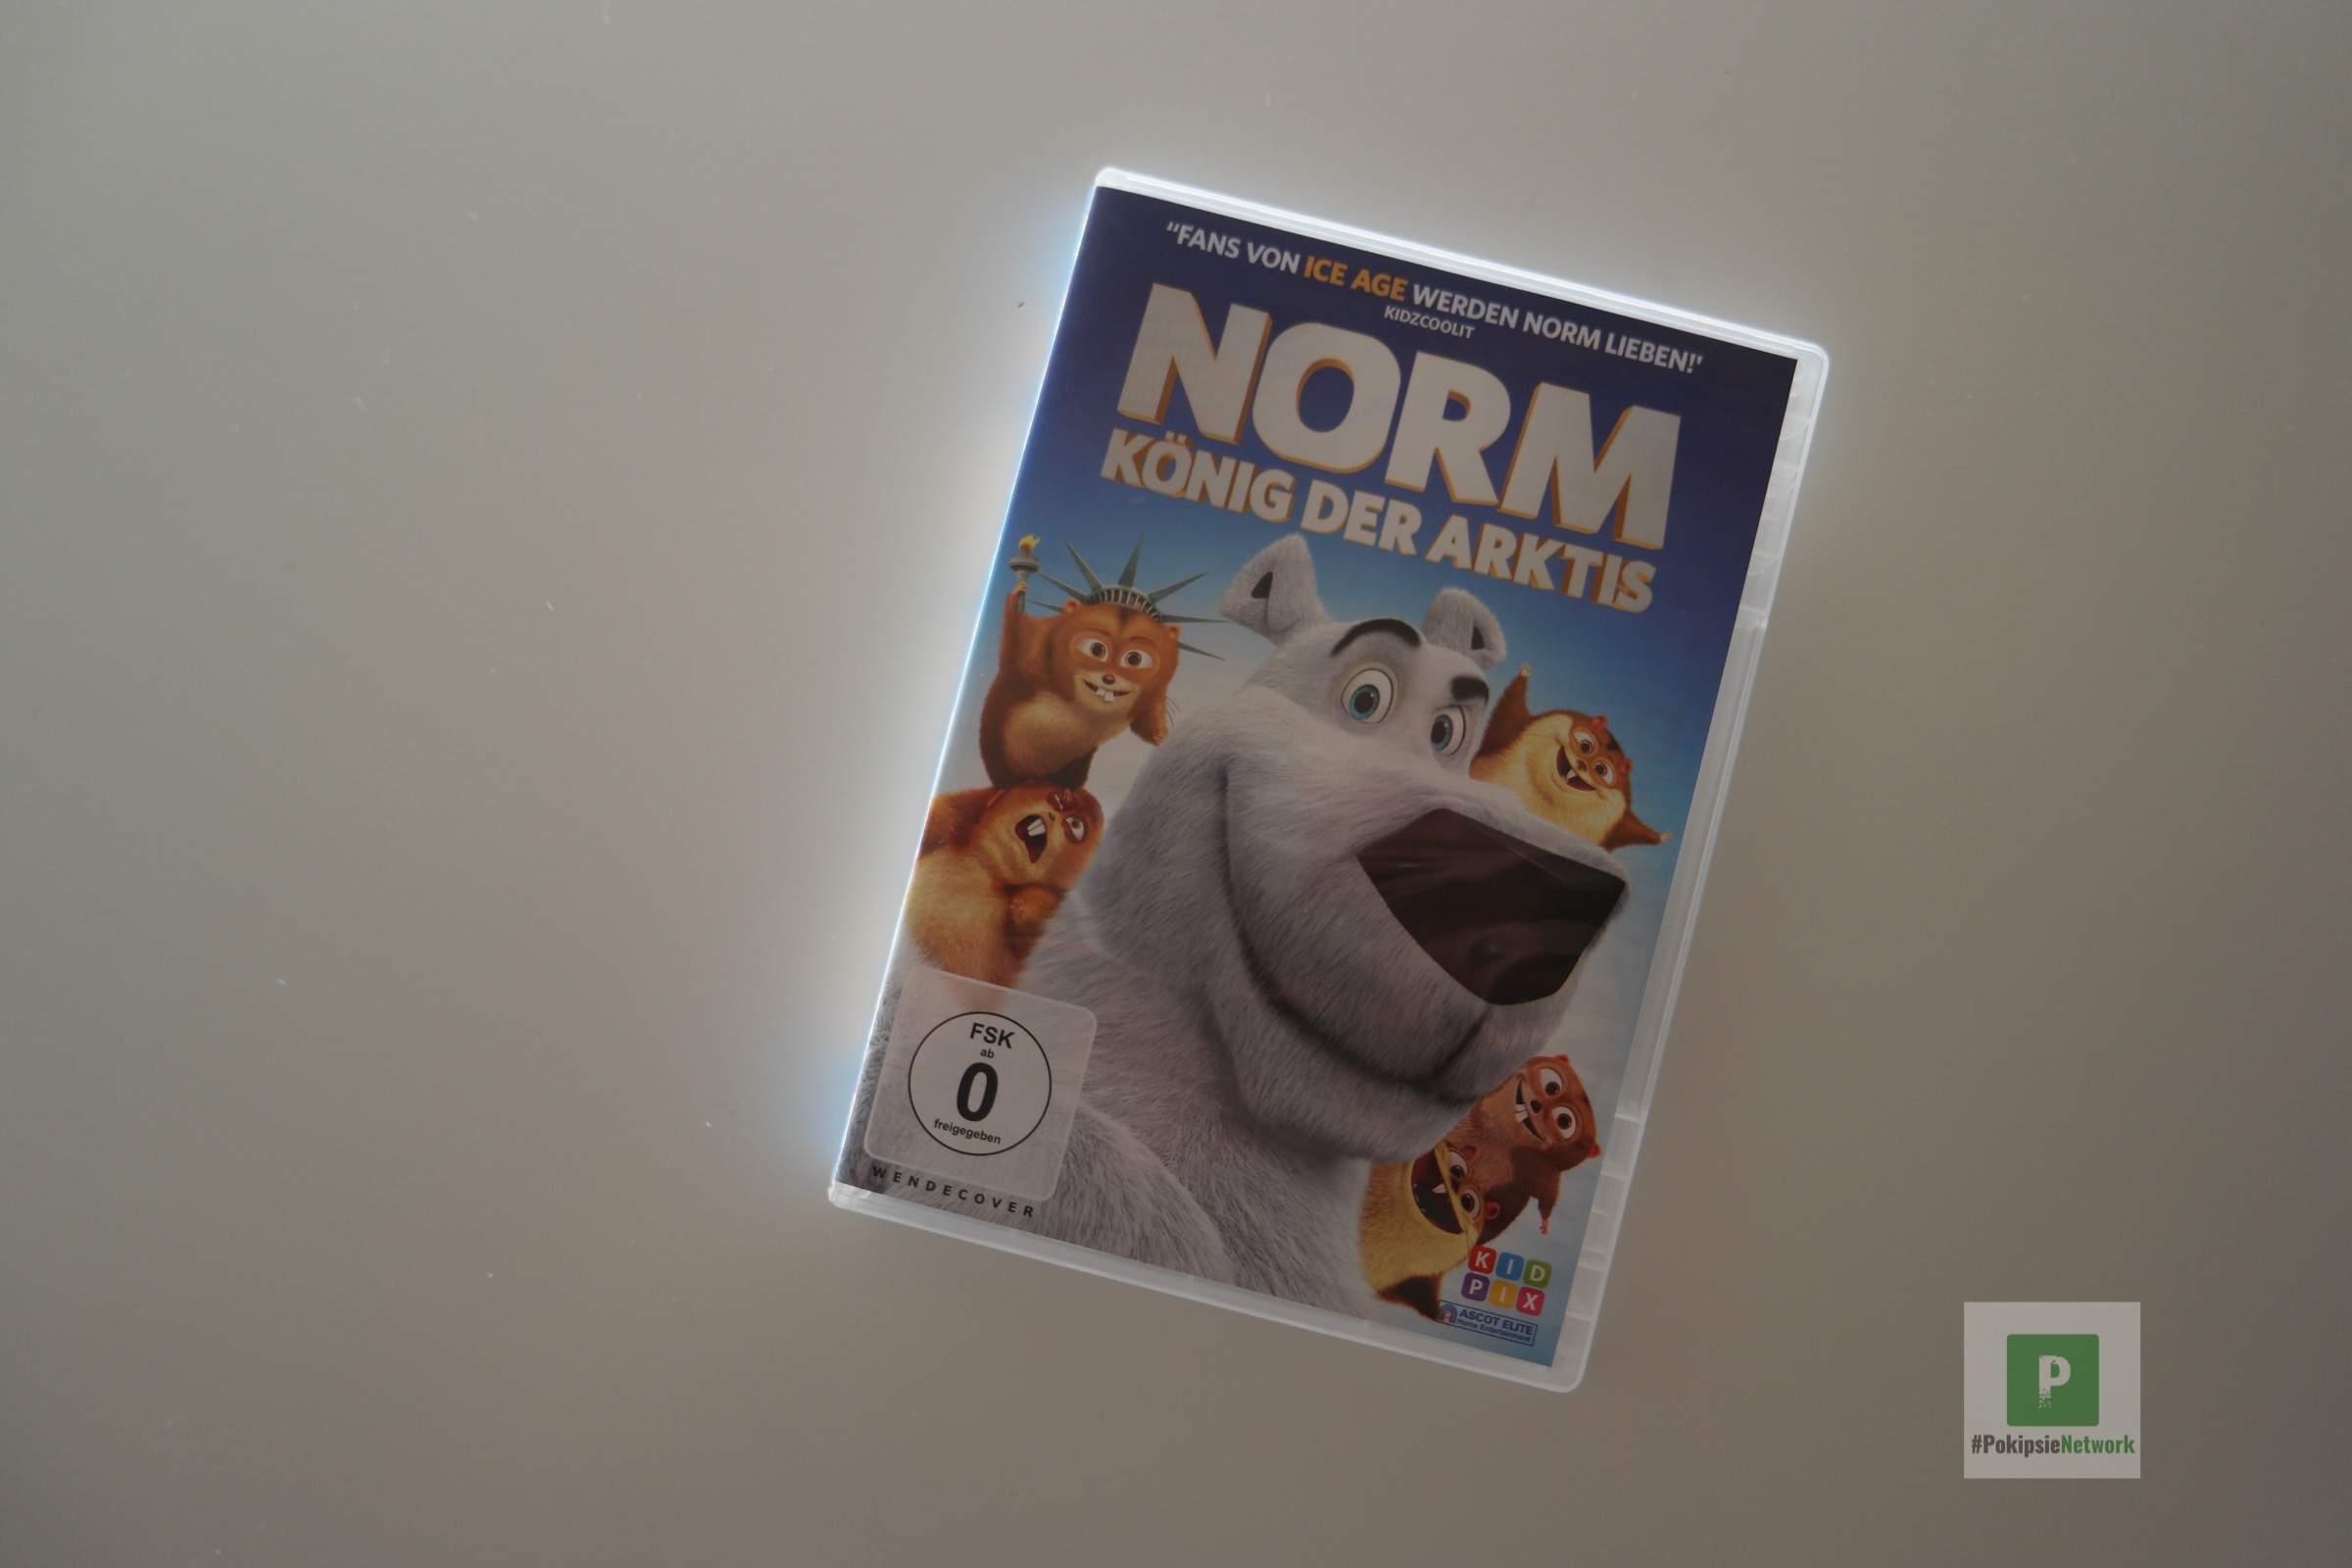 Norm – König der Arktis